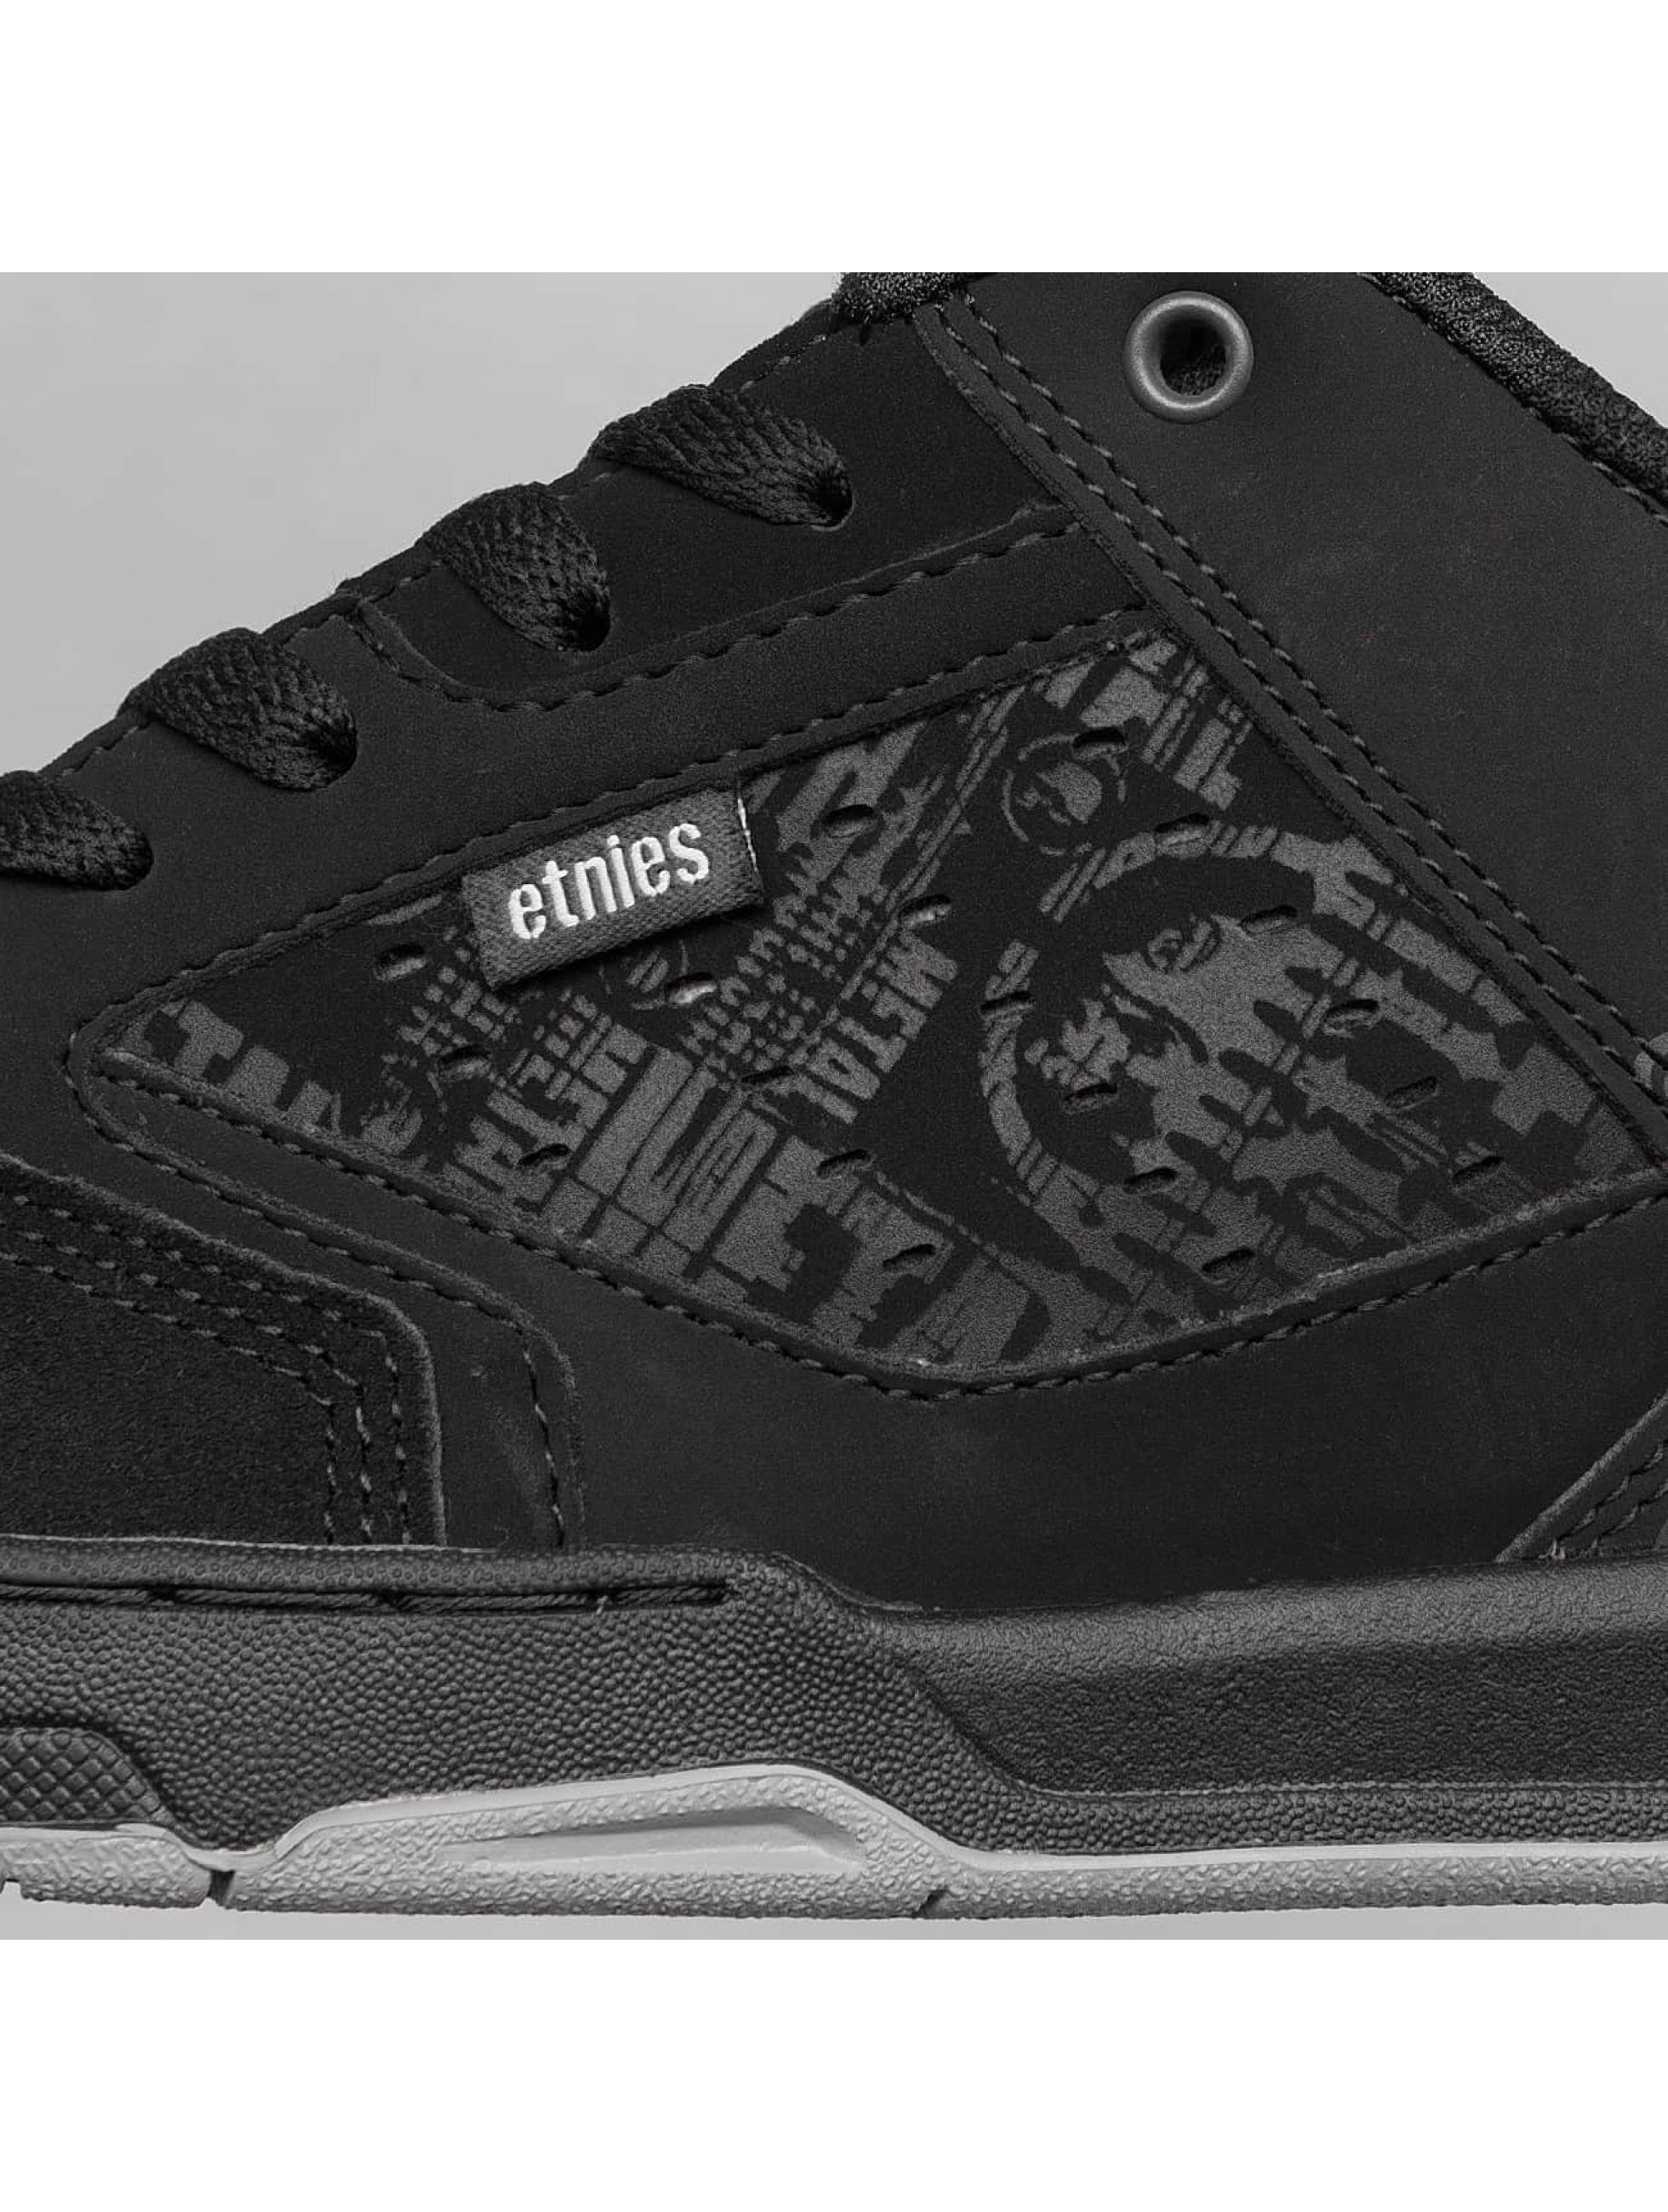 Etnies Sneakers Metal Mulisha Cartel black